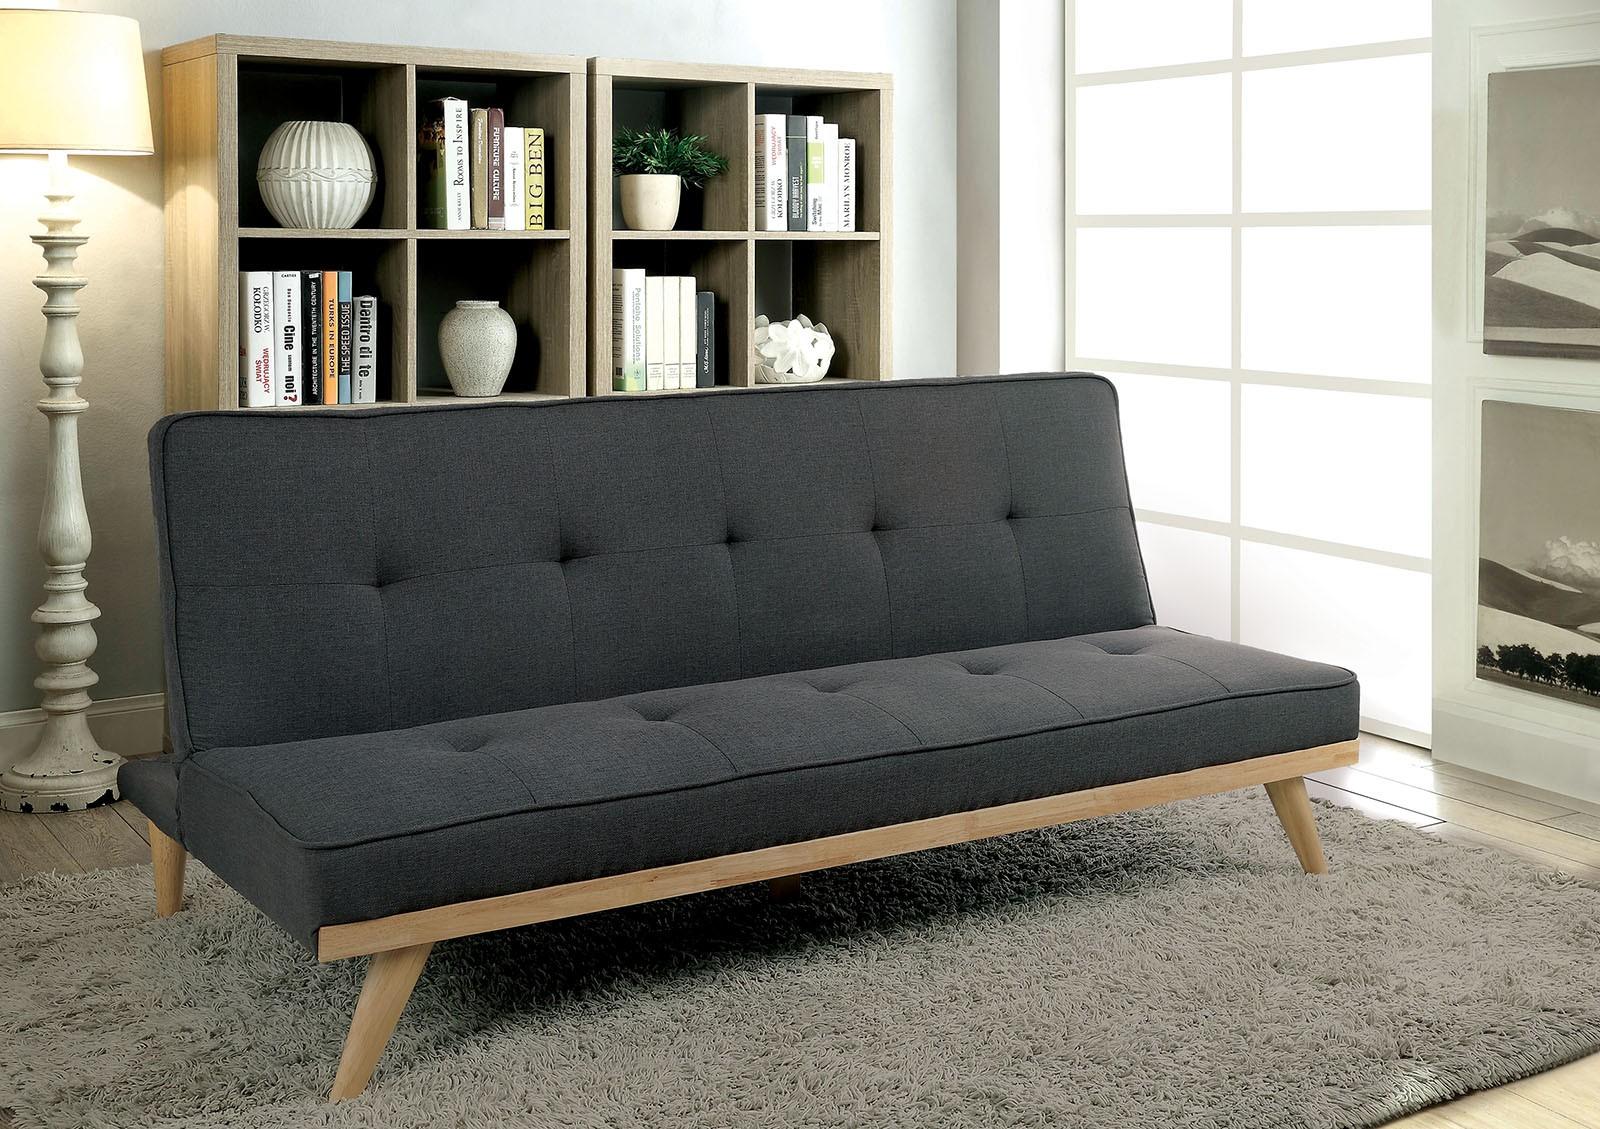 Sale Wayfair Mid Century Sofa Bed Deals